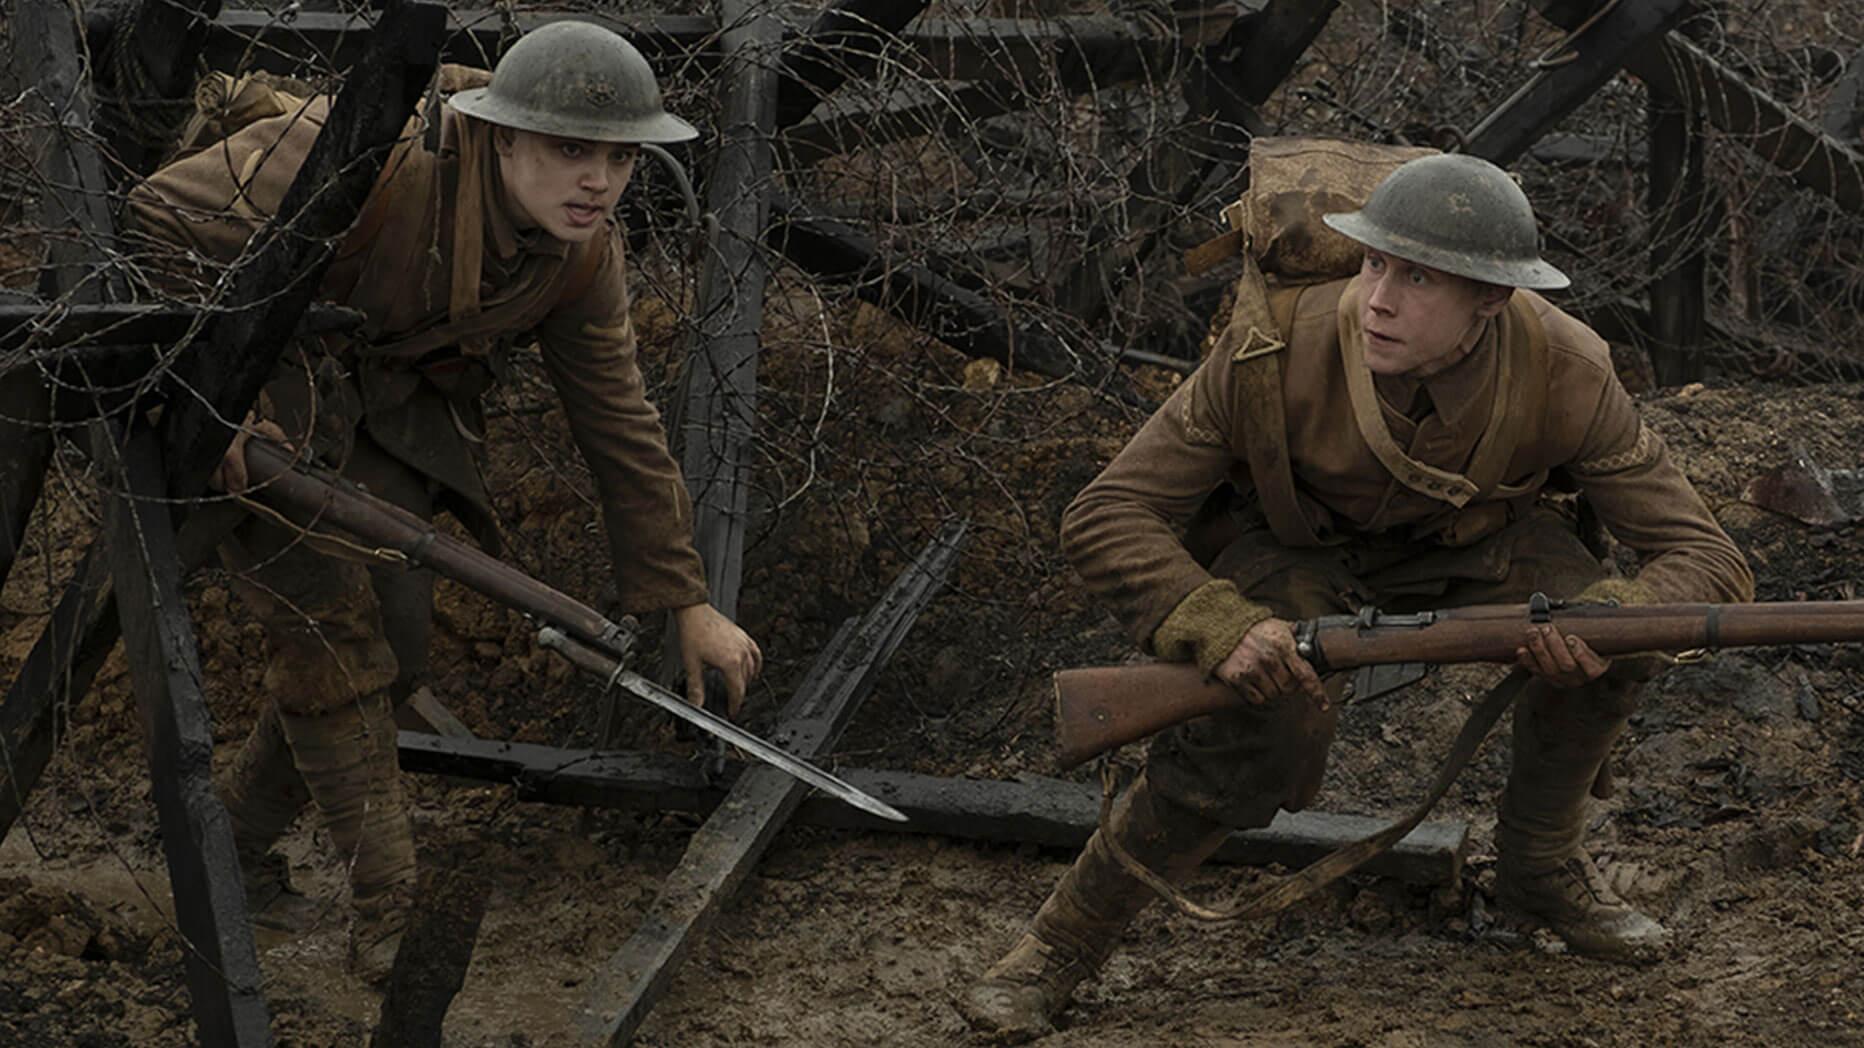 Image still of movie 1917